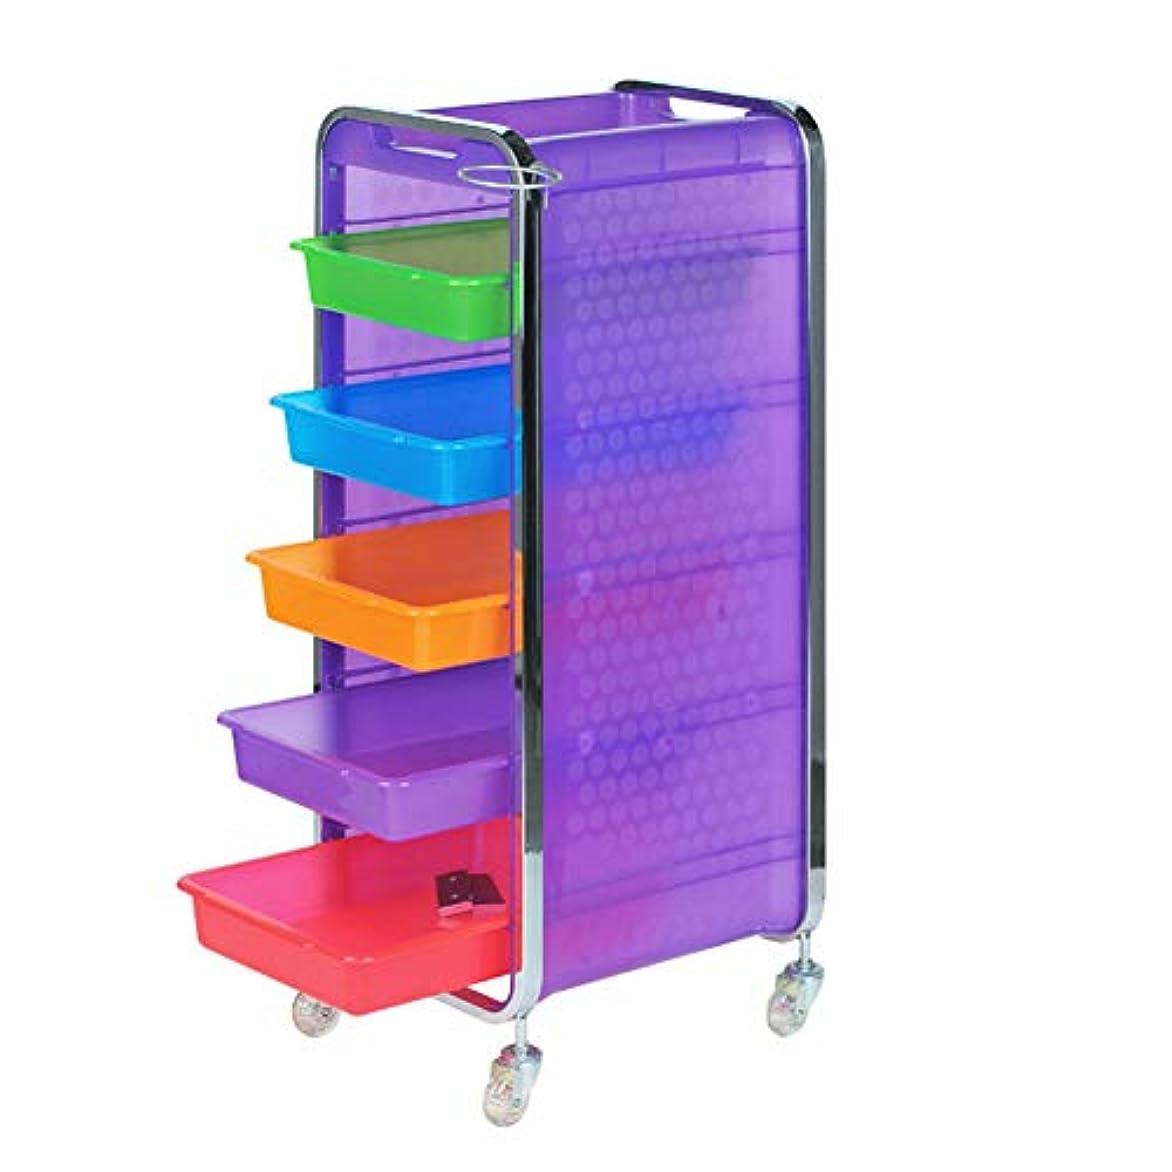 最高リル期待してサロン美容院トロリー美容美容収納カート6層トレイ多機能引き出し虹色,Purple,B